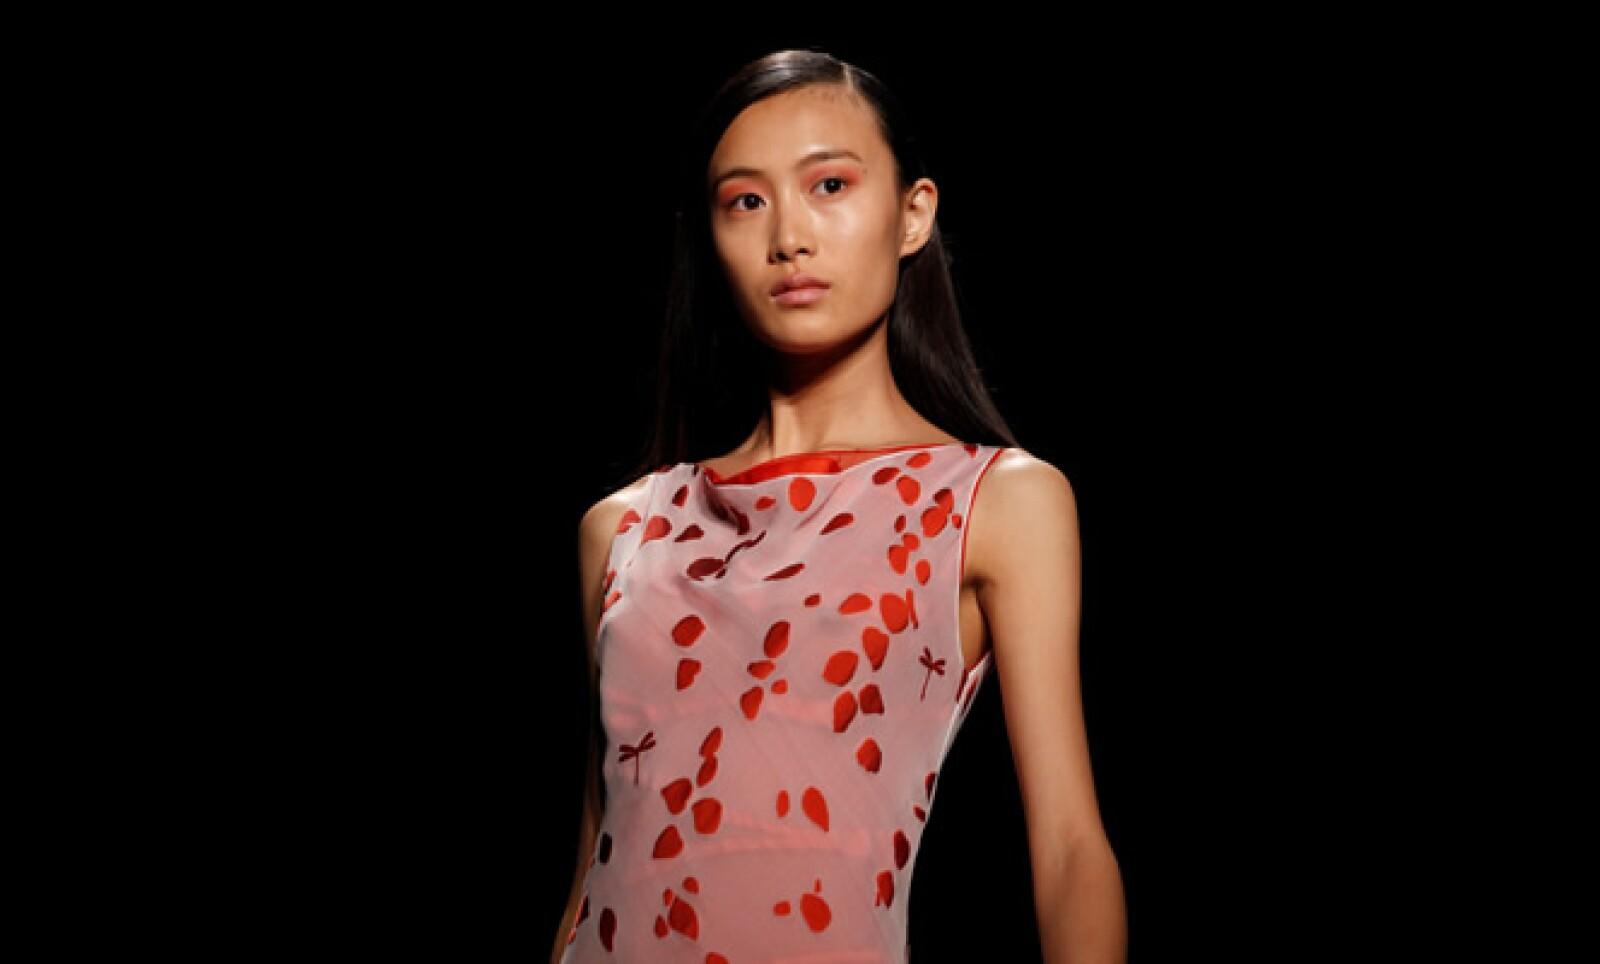 Narciso Rodríguez presentó su colección Primavera – Verano 2011 en la Semana de la Moda en Nueva York, con tonos dulces y tranquilos.